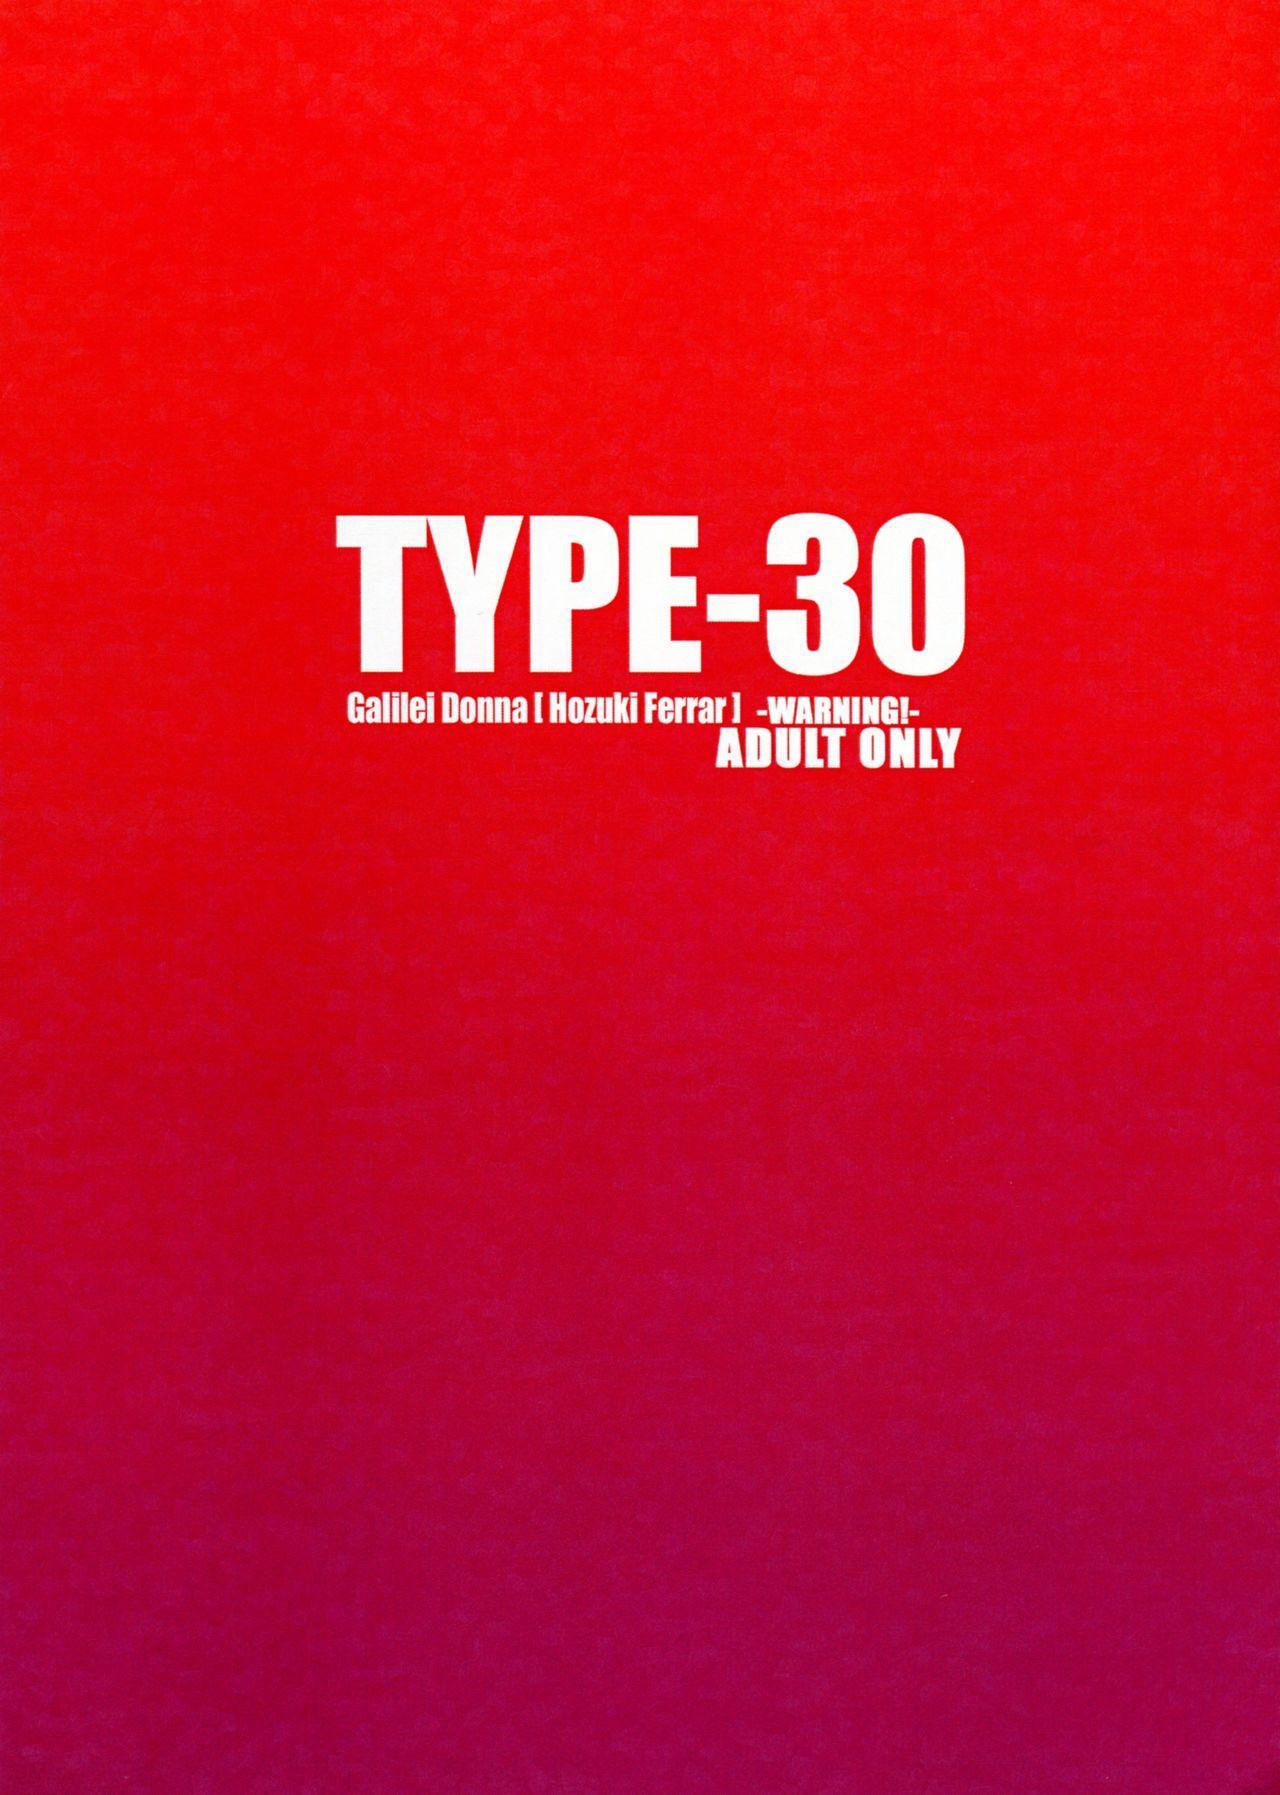 TYPE-30 23